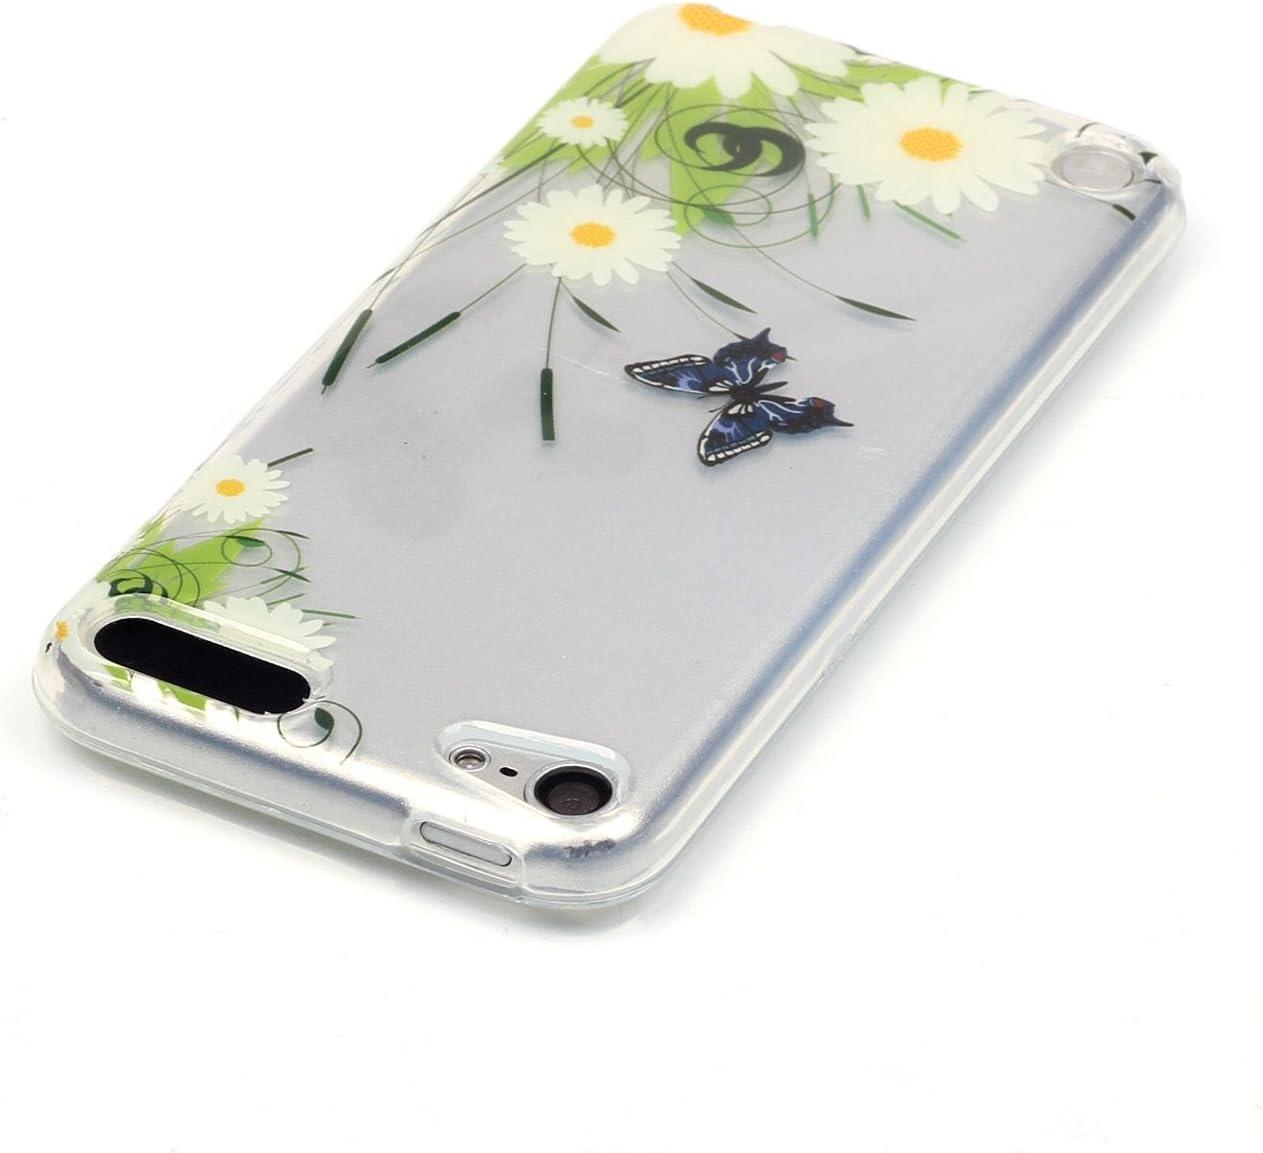 Aeeque iPod Touch 5G Slimcase Kratzfeste TPU Klar Transaprent Flexibel Weich Bumper Back Case Cover Tasche Sch/ön Muster Bunte Tier Eule Durchsichtig Silikonh/ülle f/ür iPod Touch 5G // 6G Generation